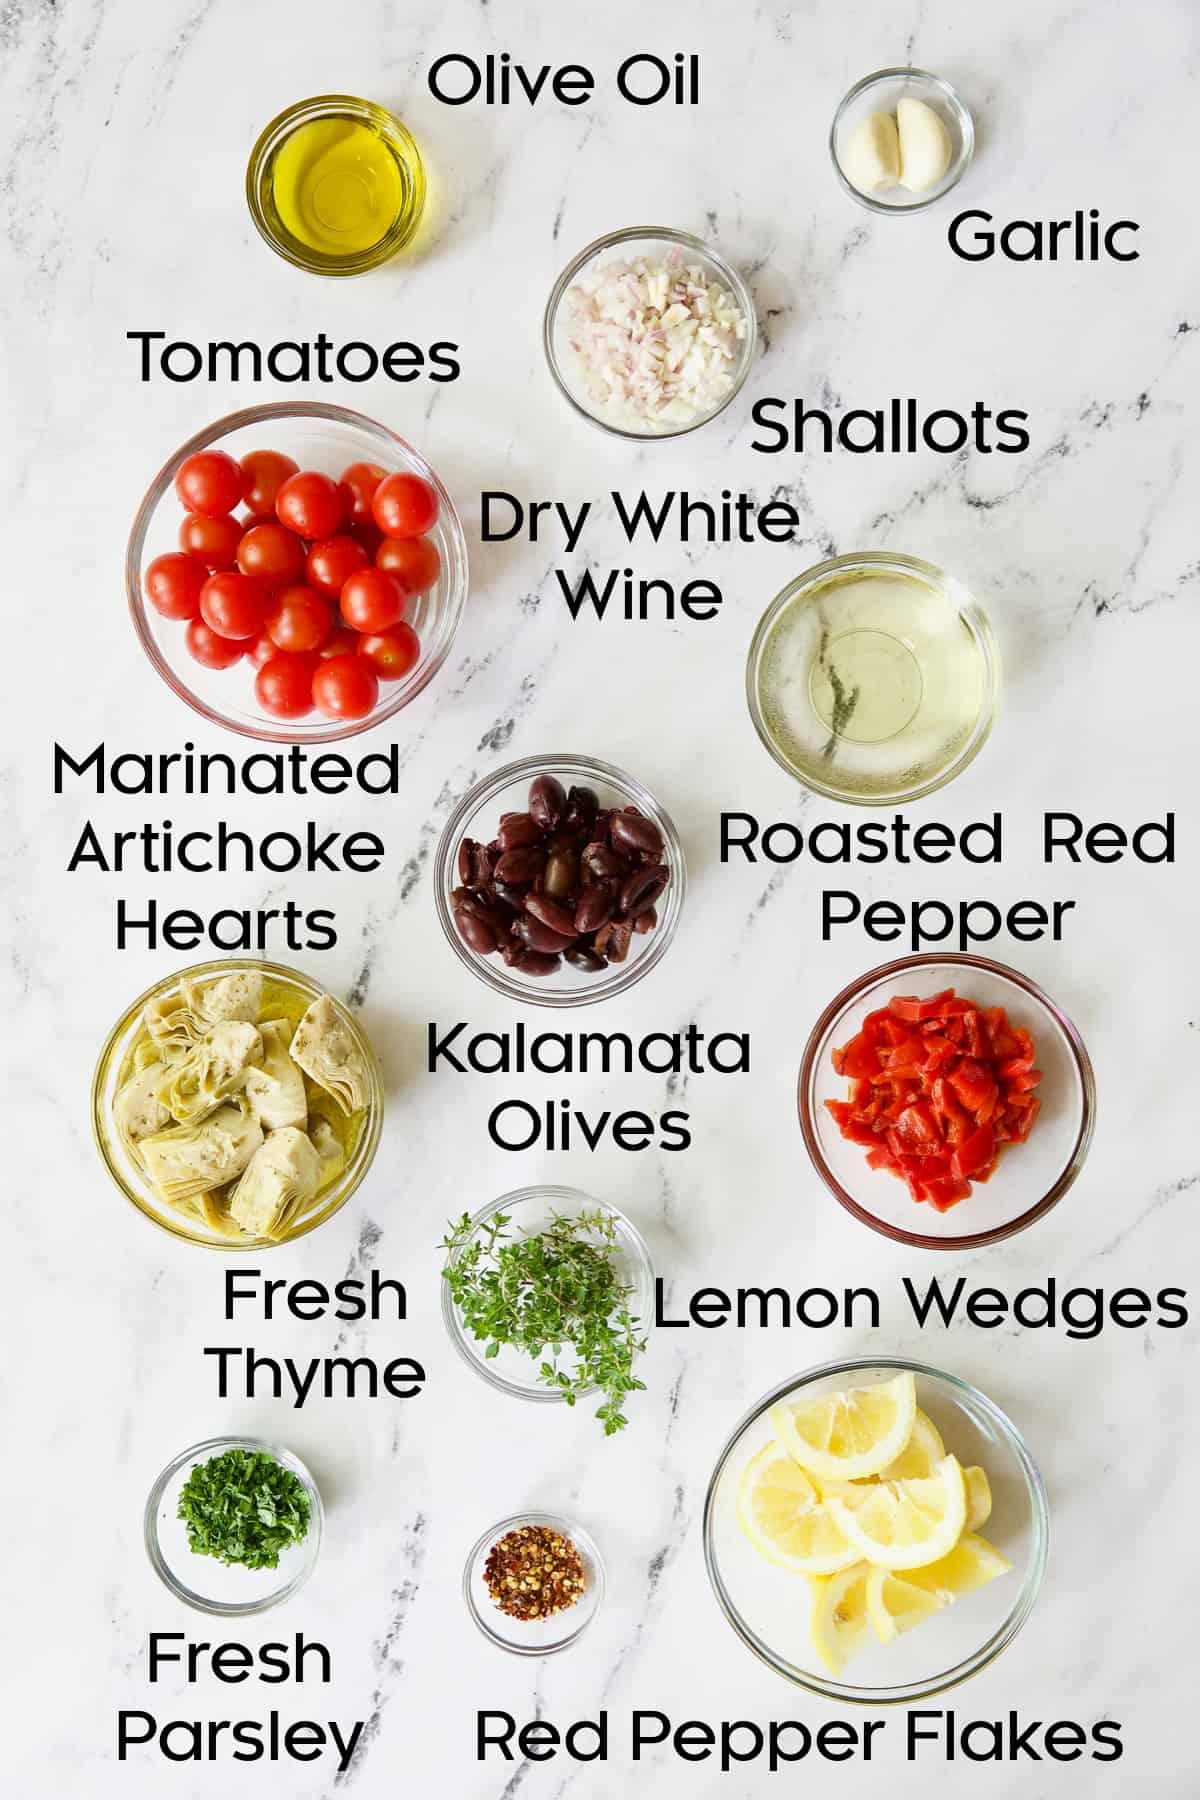 Ingredients for Easy Skillet Mediterranean Chicken in glass bowls.